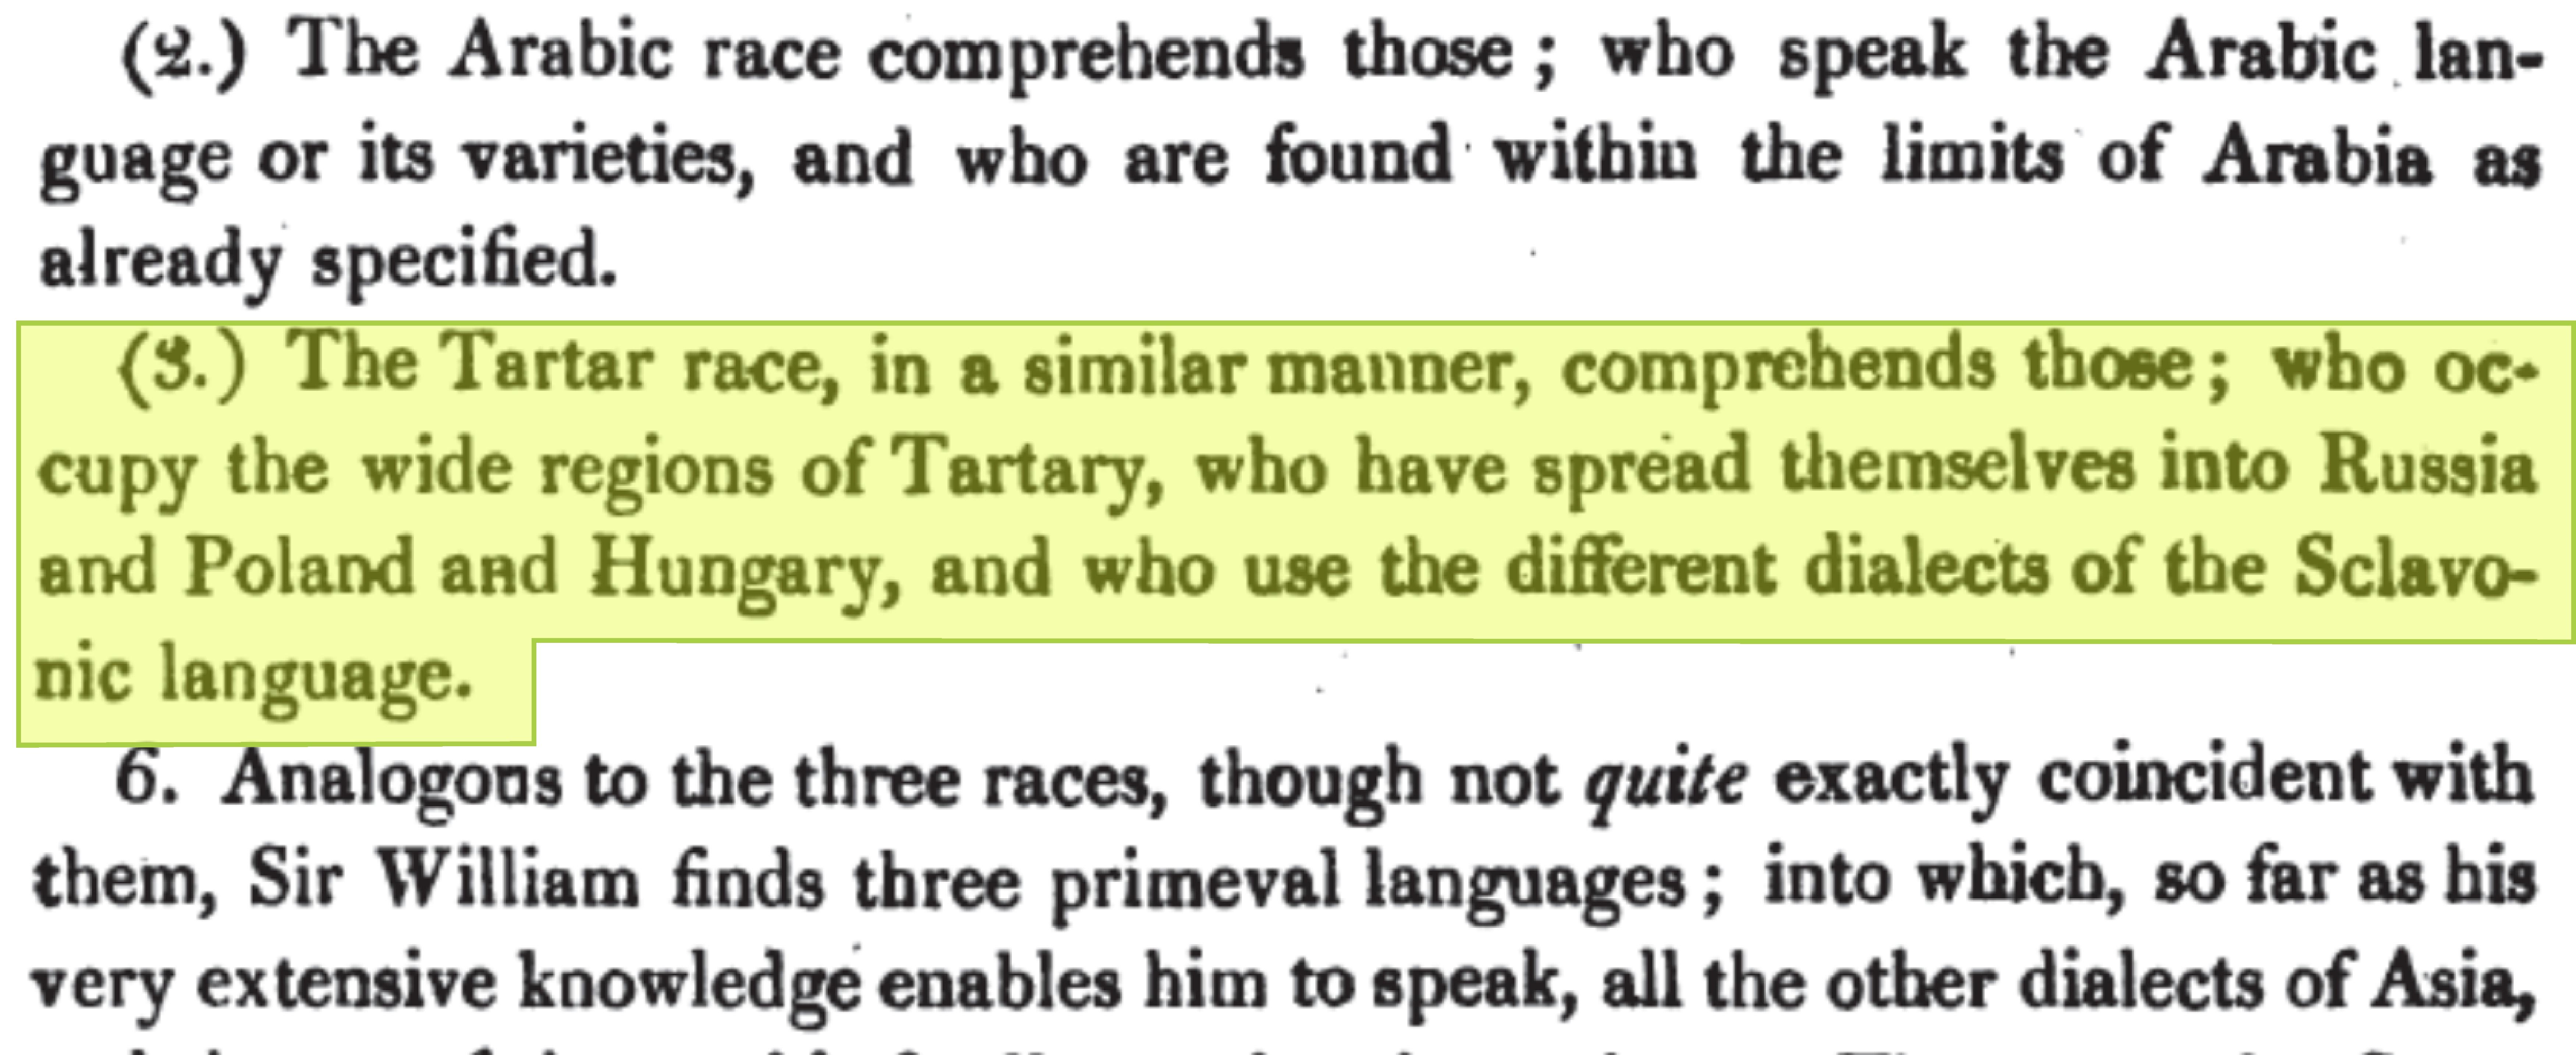 Фрагмент книги «Происхождение языческого идолопоклонства», 1816 года издания